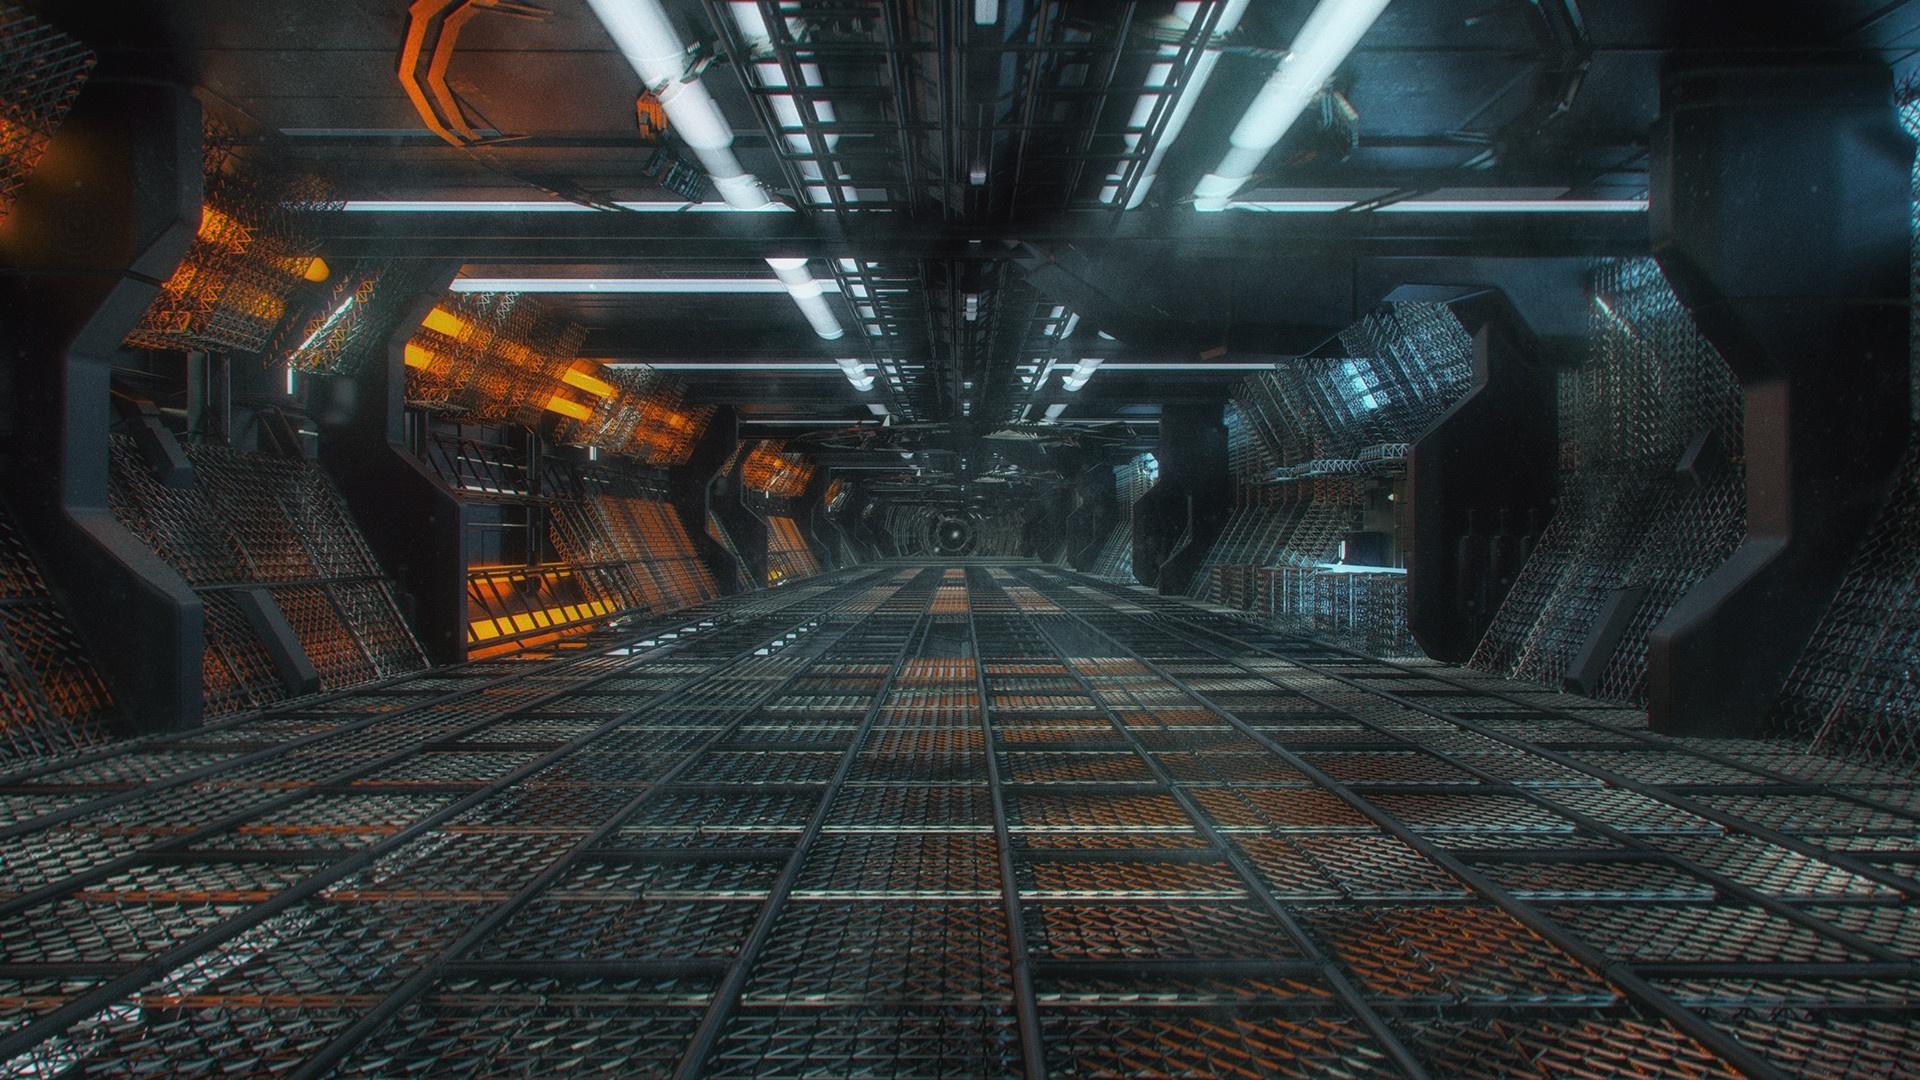 Space Tunnel Desktop Wallpaper